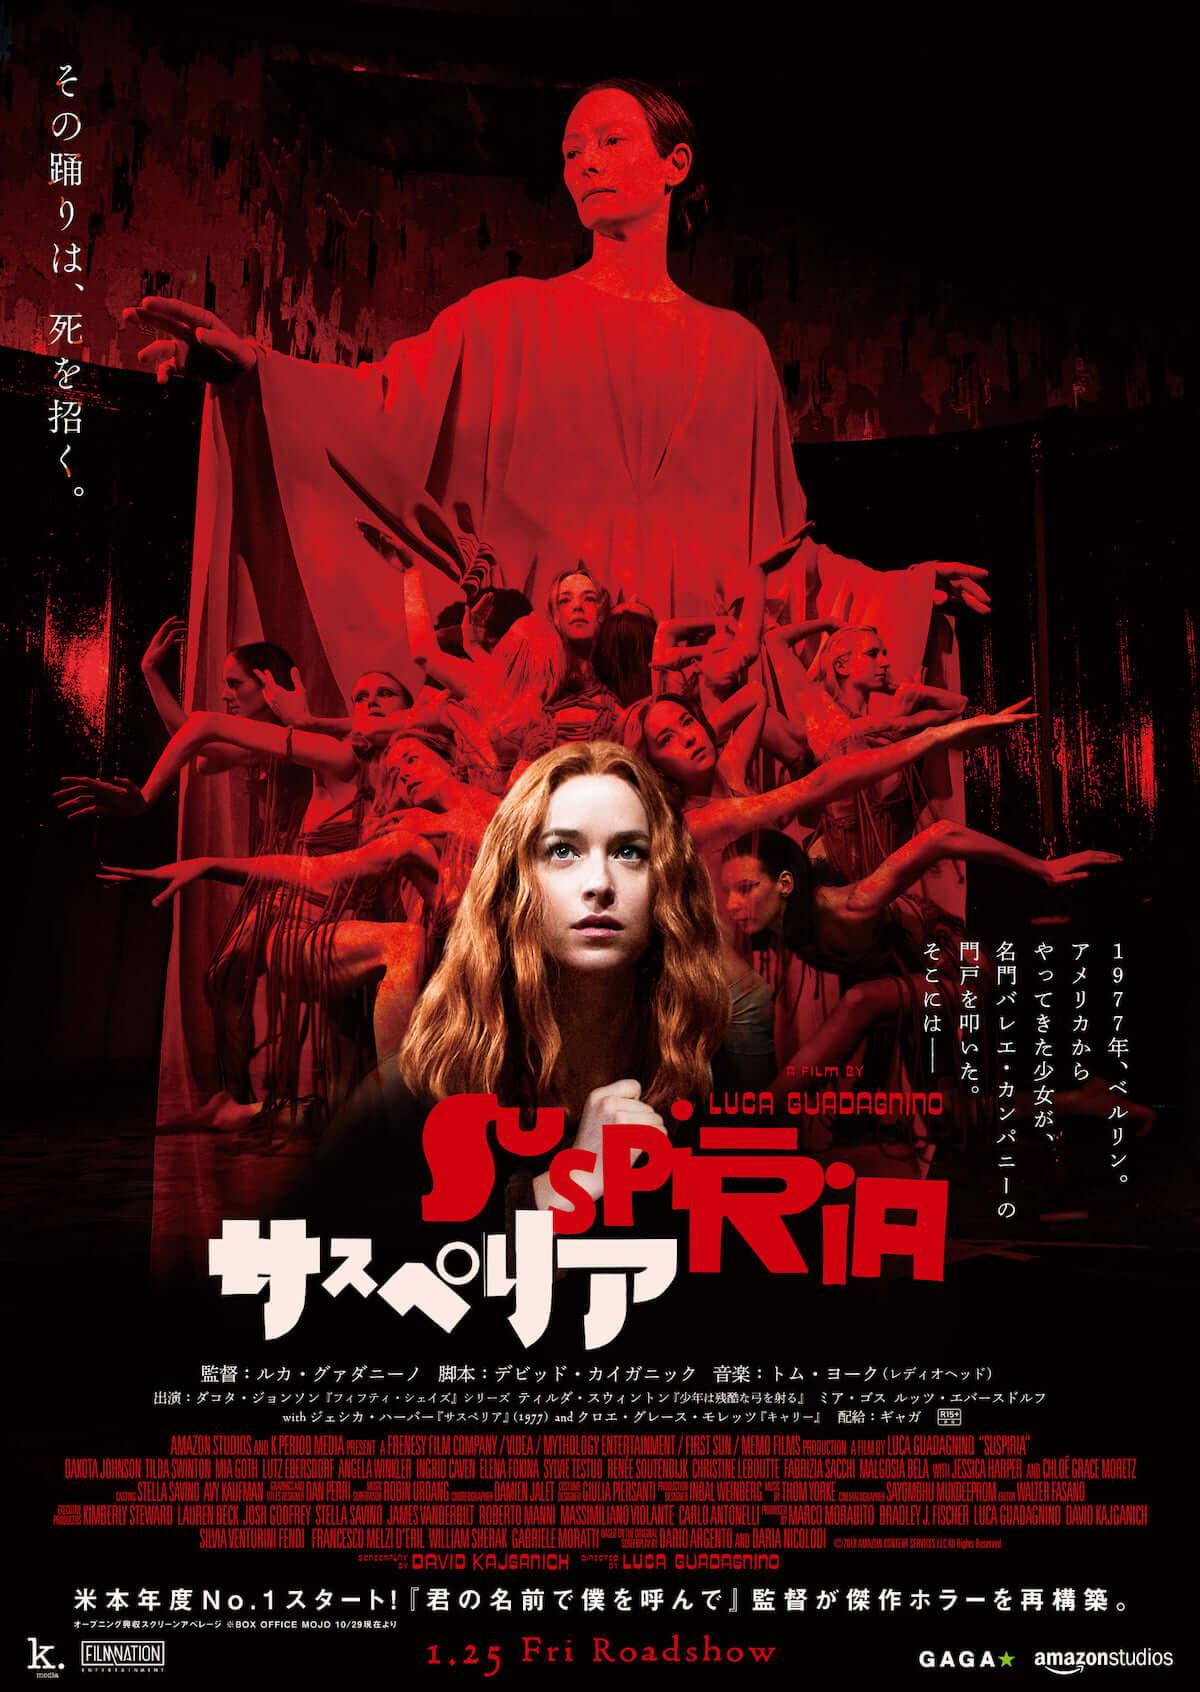 映画『サスペリア』本予告公開。トム・ヨークが手がけた不穏な旋律のなか、物語が始まる suspiria-1200x1692